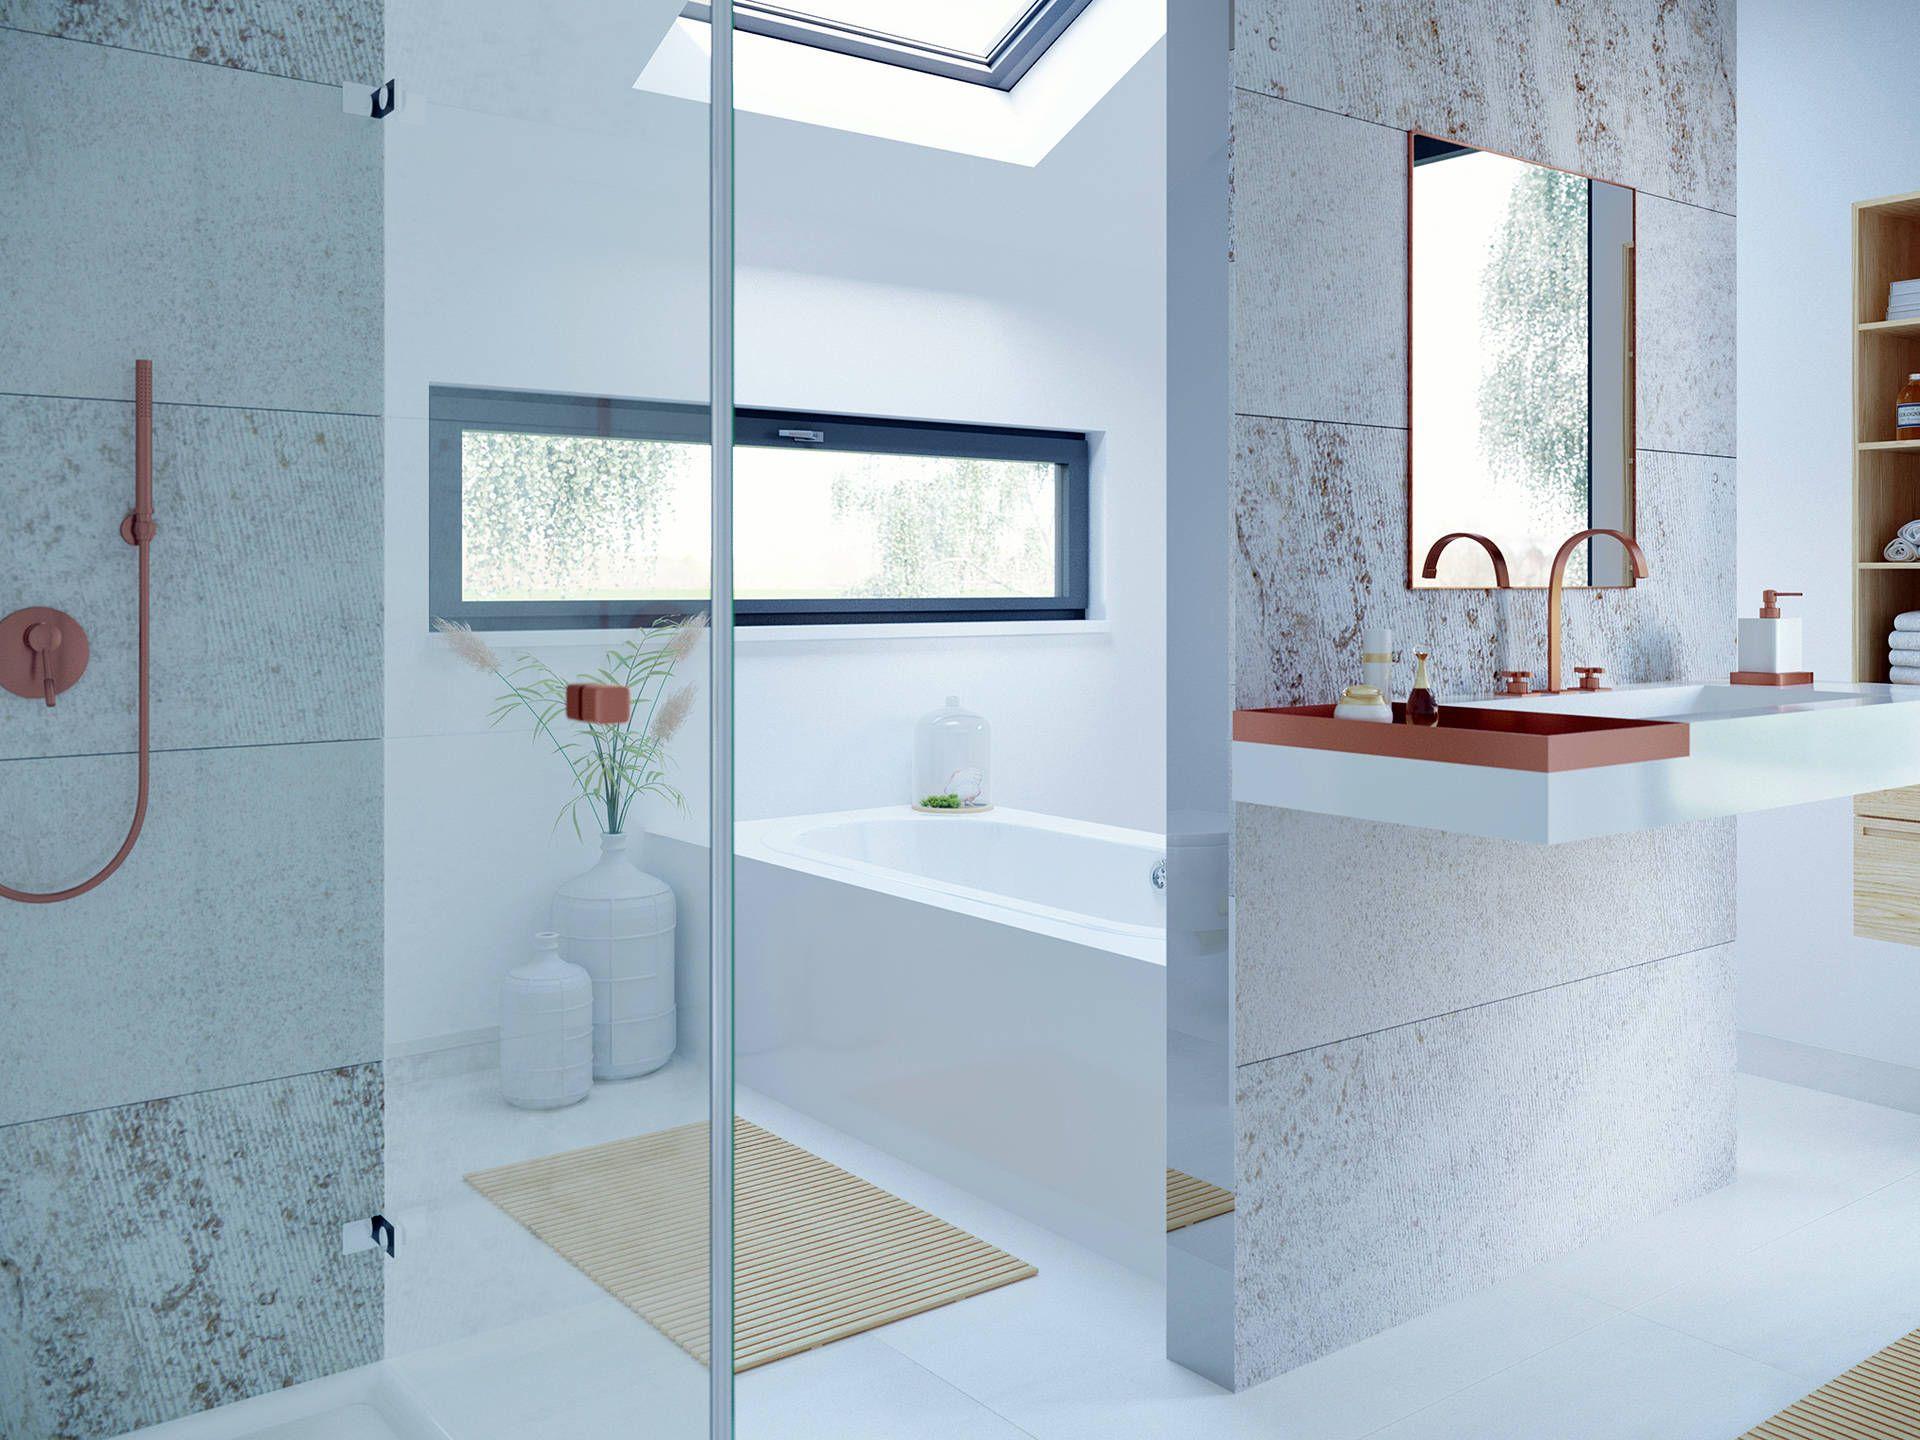 Wonderful Badezimmer Im Evolution Stuttgart U2013 Einfamilienhaus Von Bien Zenker U2022 Mit  Musterhaus.net Traumhaus